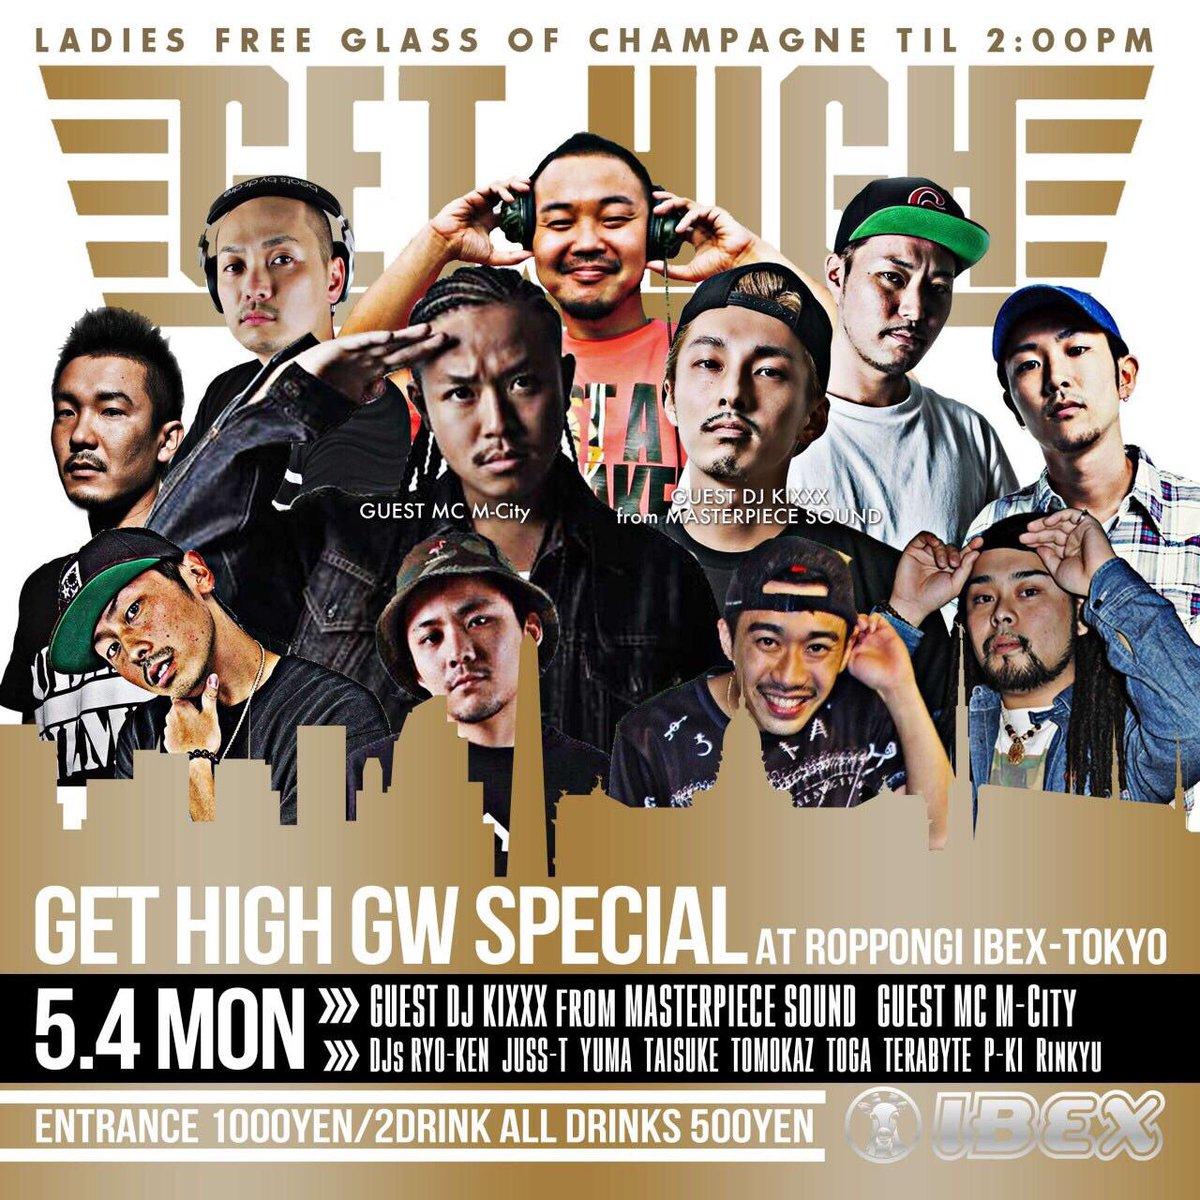 明日 #ゲッハイ GW Special